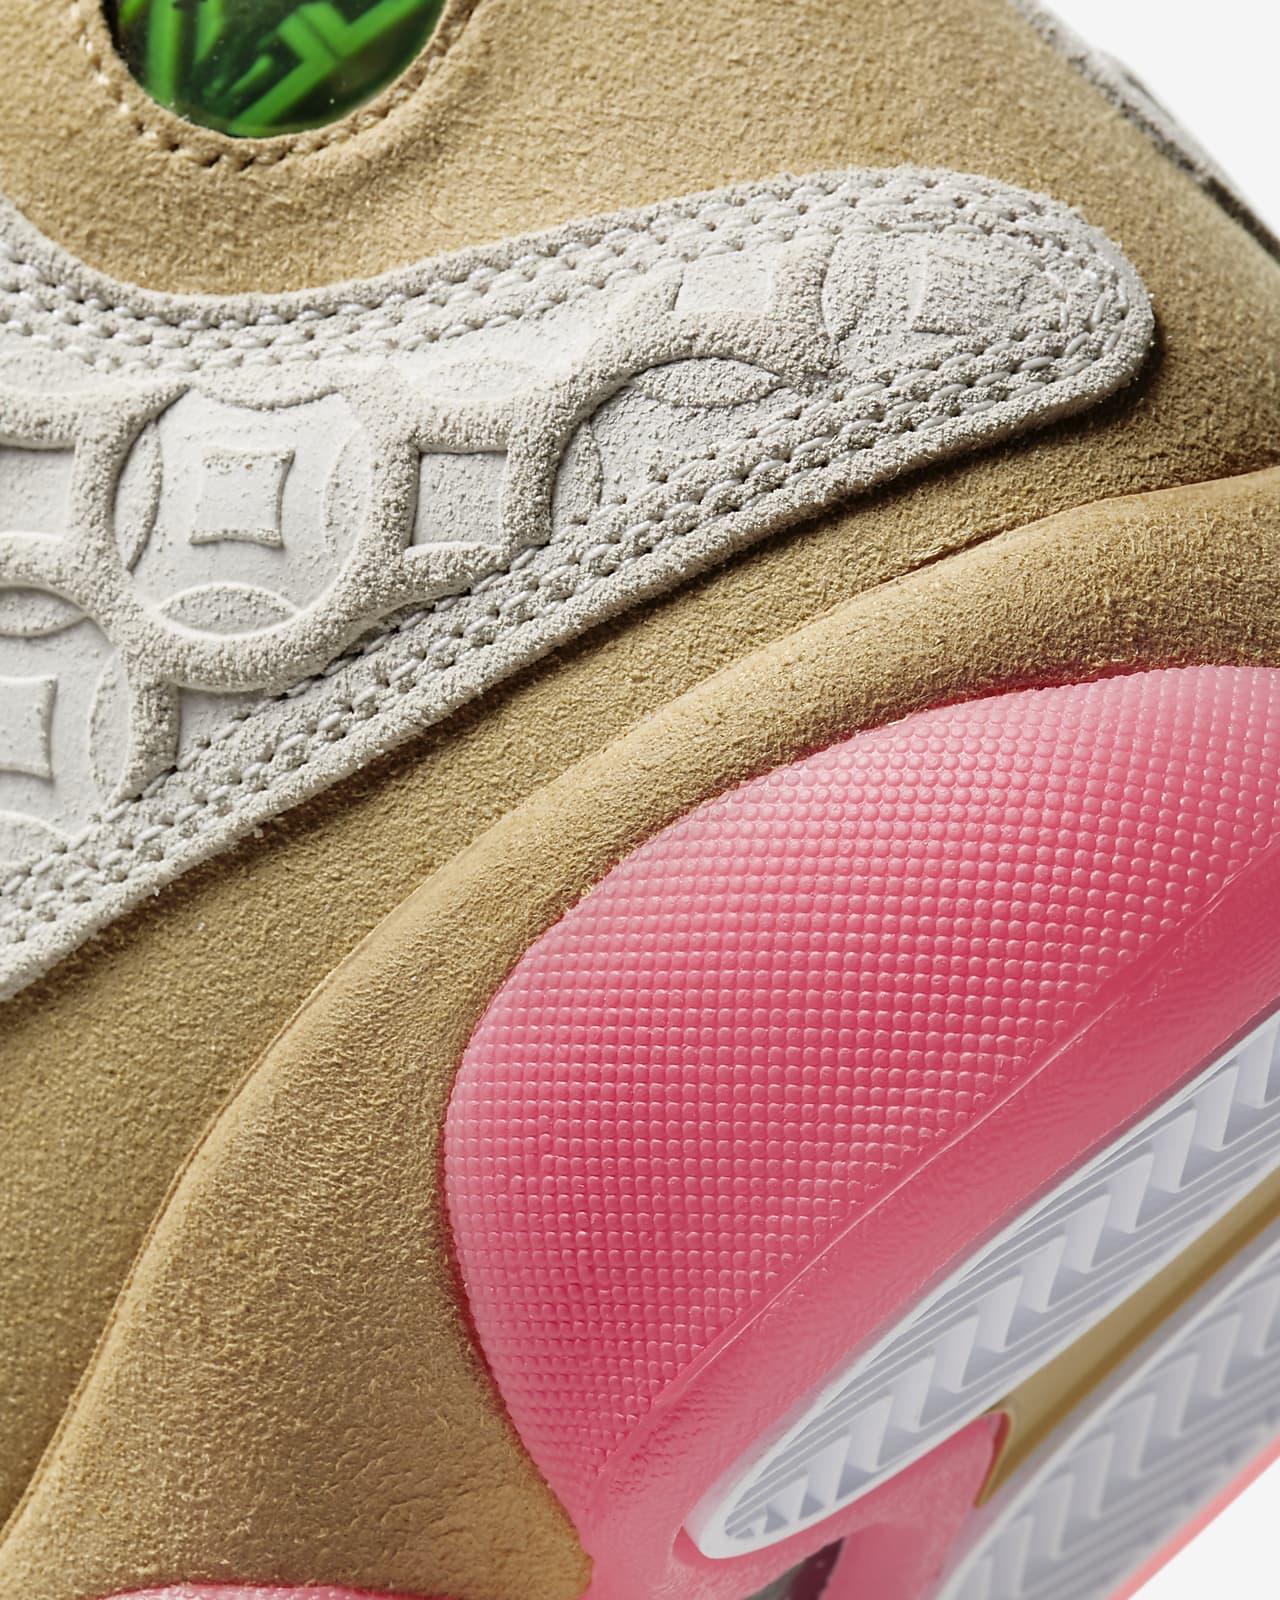 Chaussure Air Jordan 13 Retro Chinese New Year